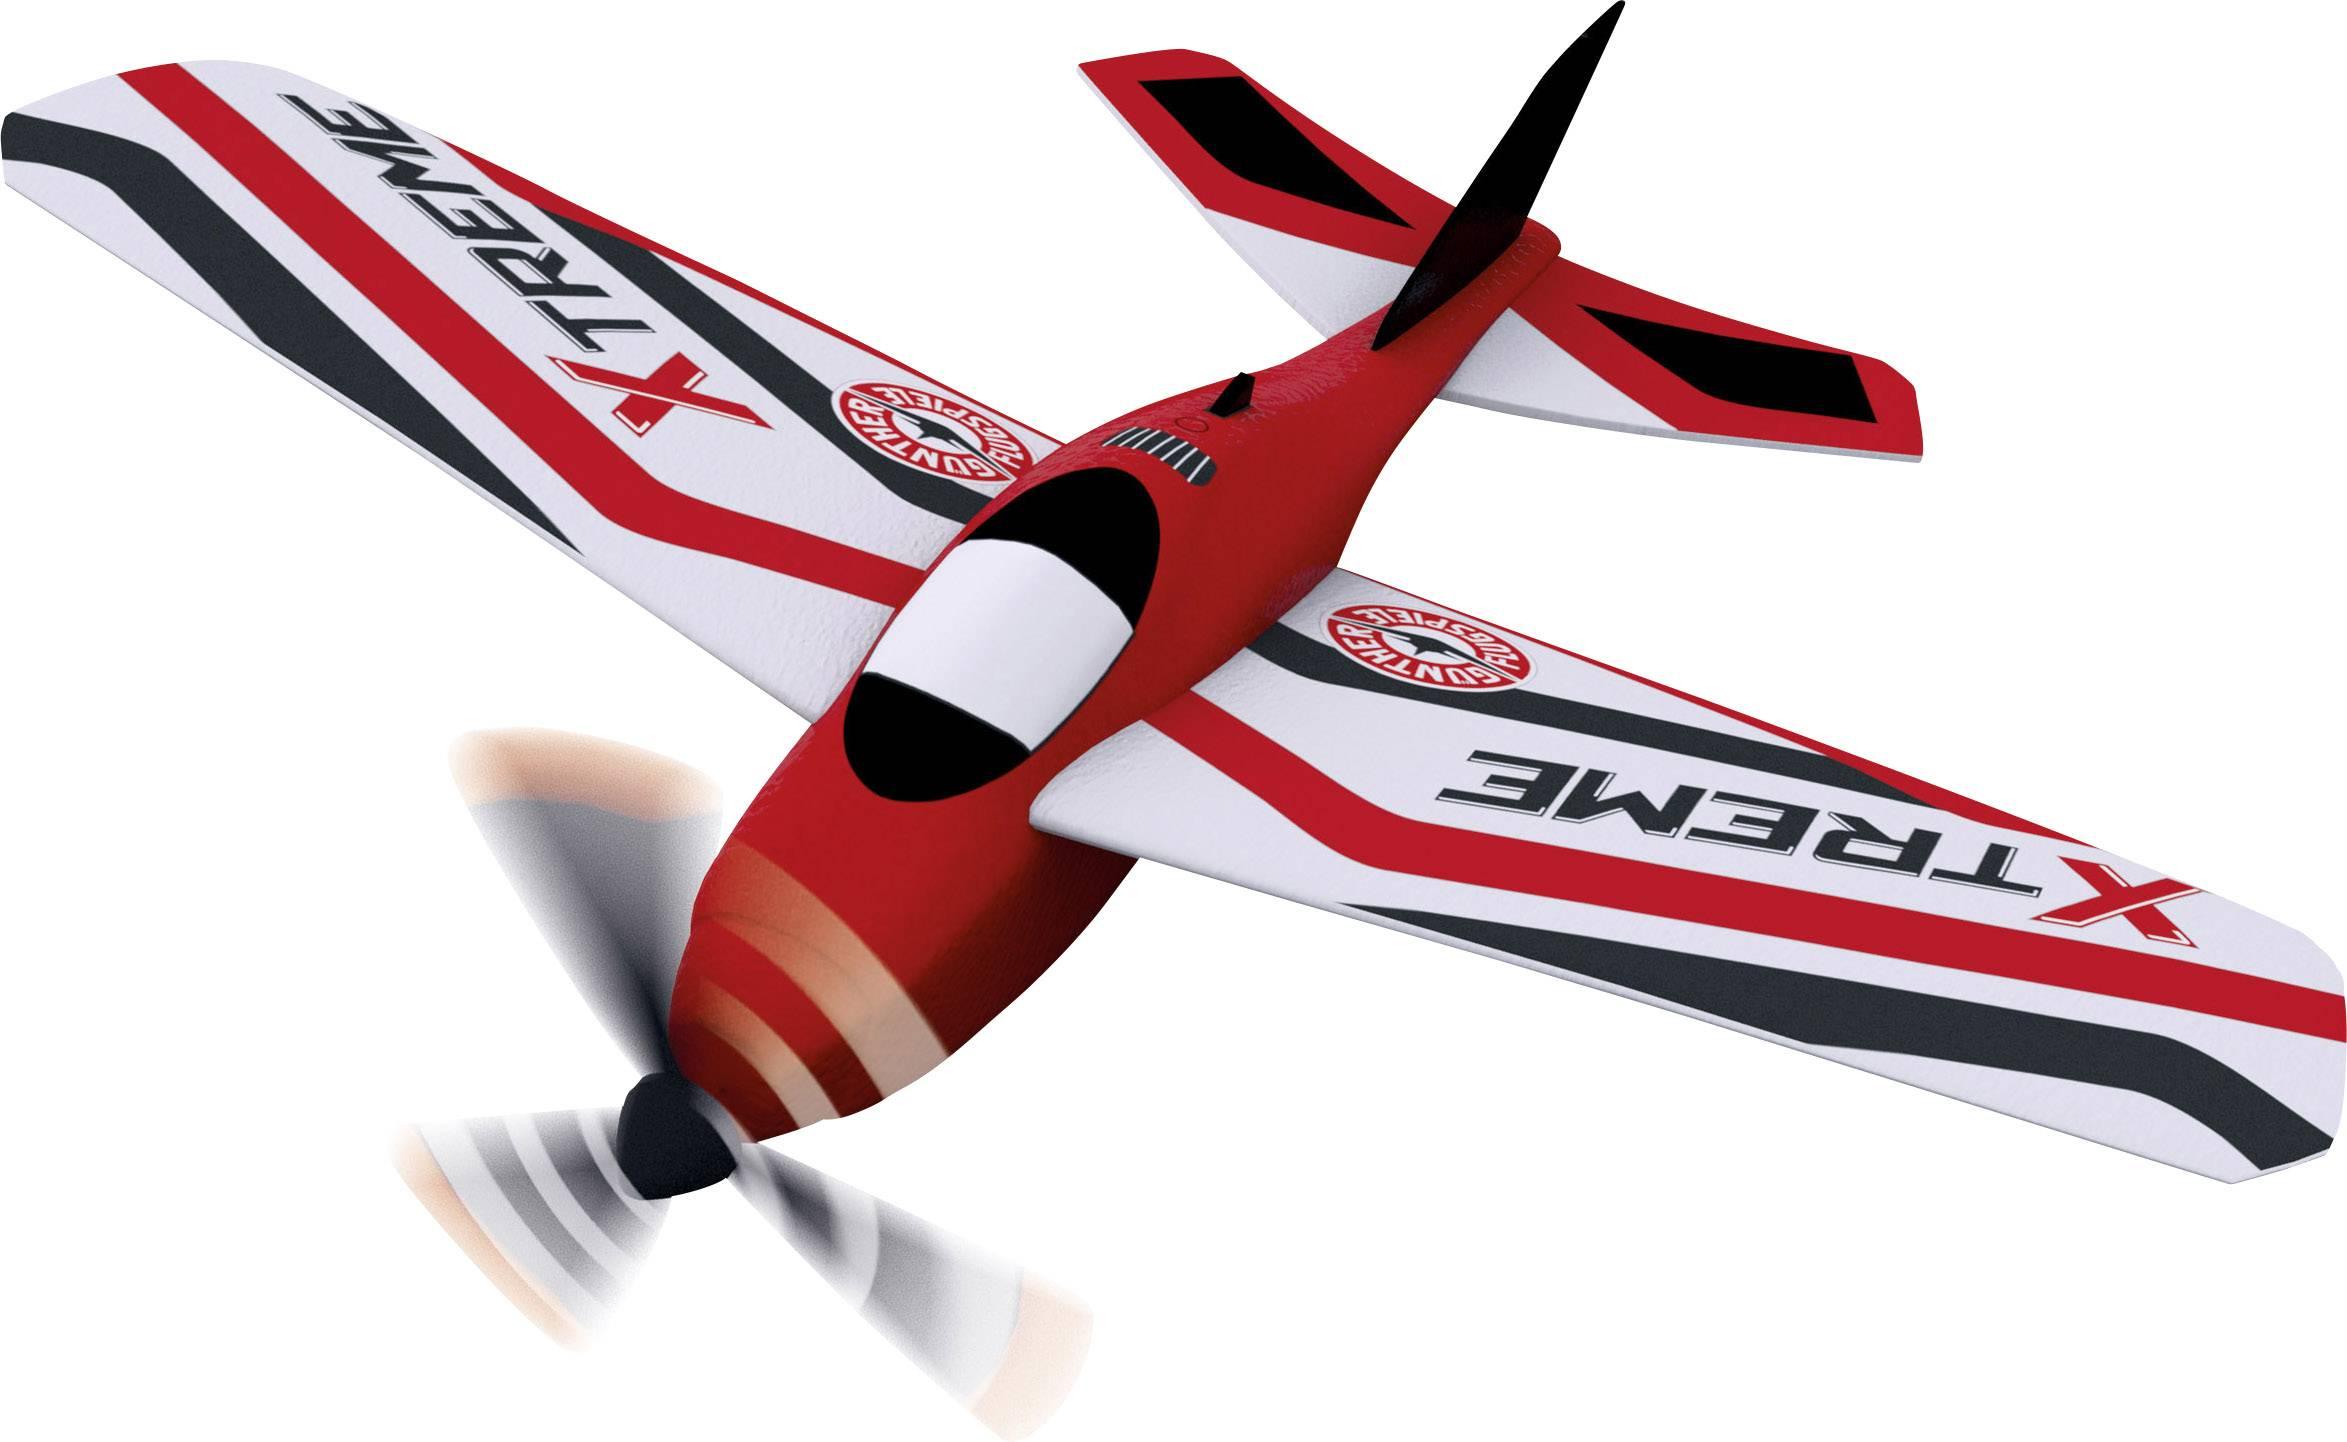 Model letadla pro začátečníky Günther Flugspiele Xtreme, 215 mm